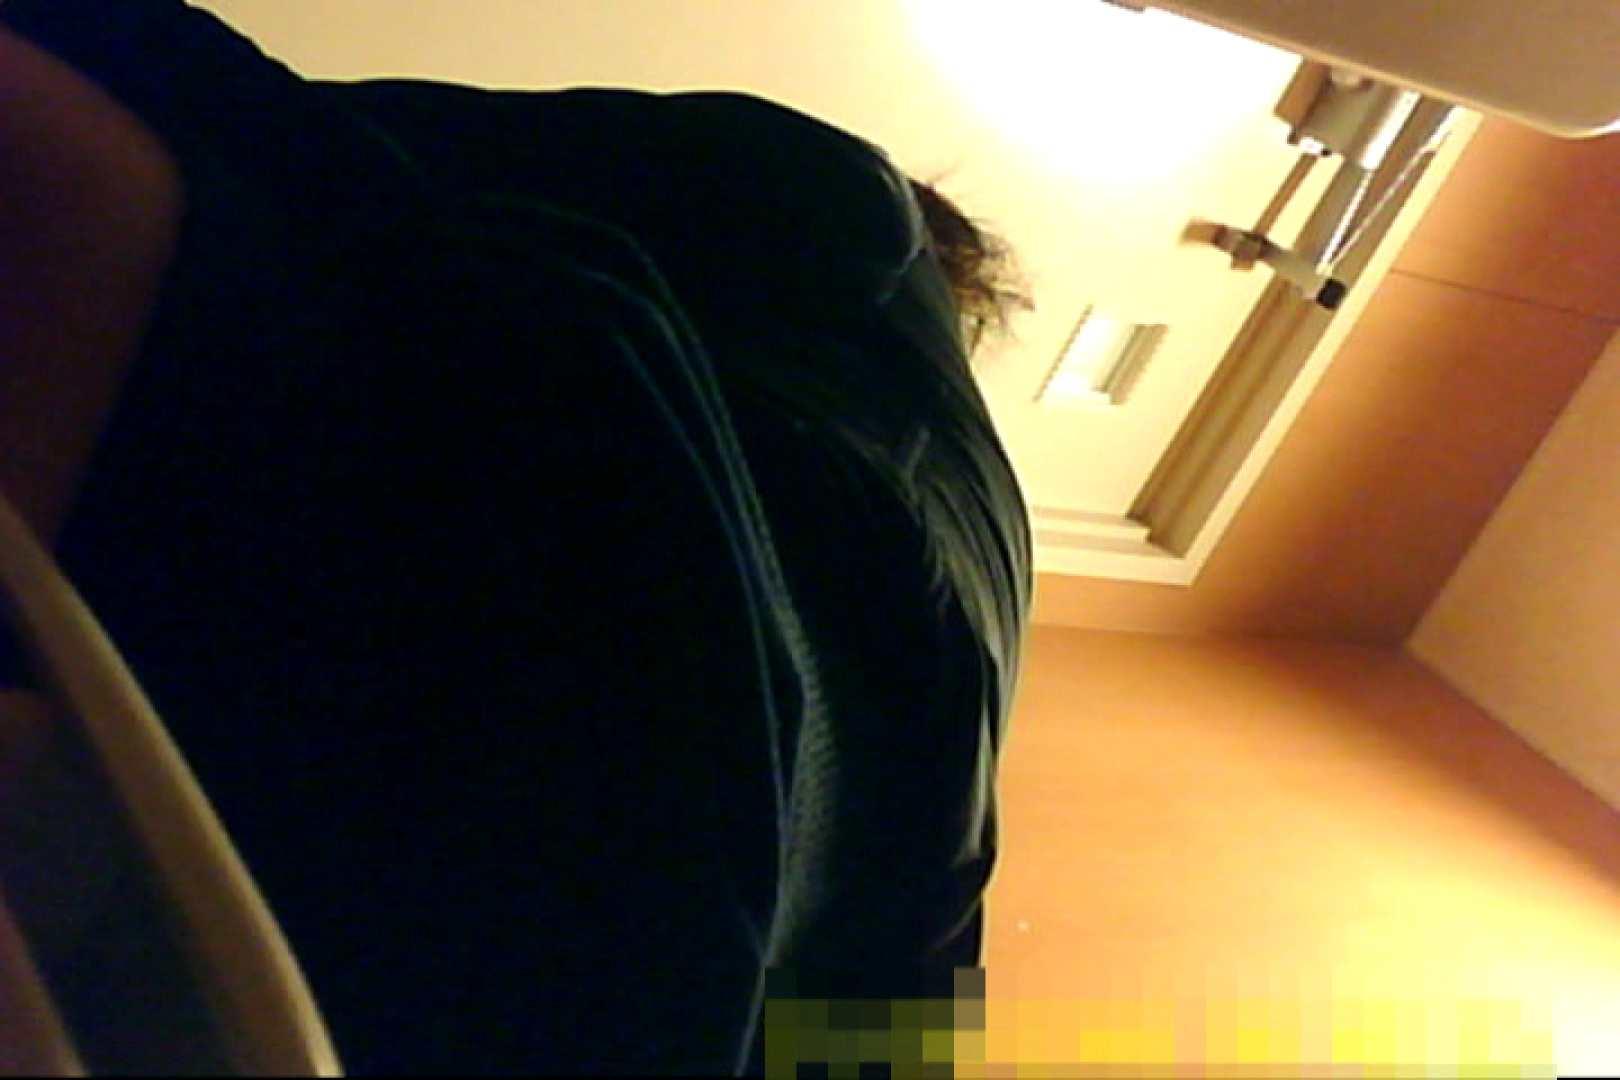 魅惑の化粧室~禁断のプライベート空間~22 プライベート | 洗面所  102画像 57